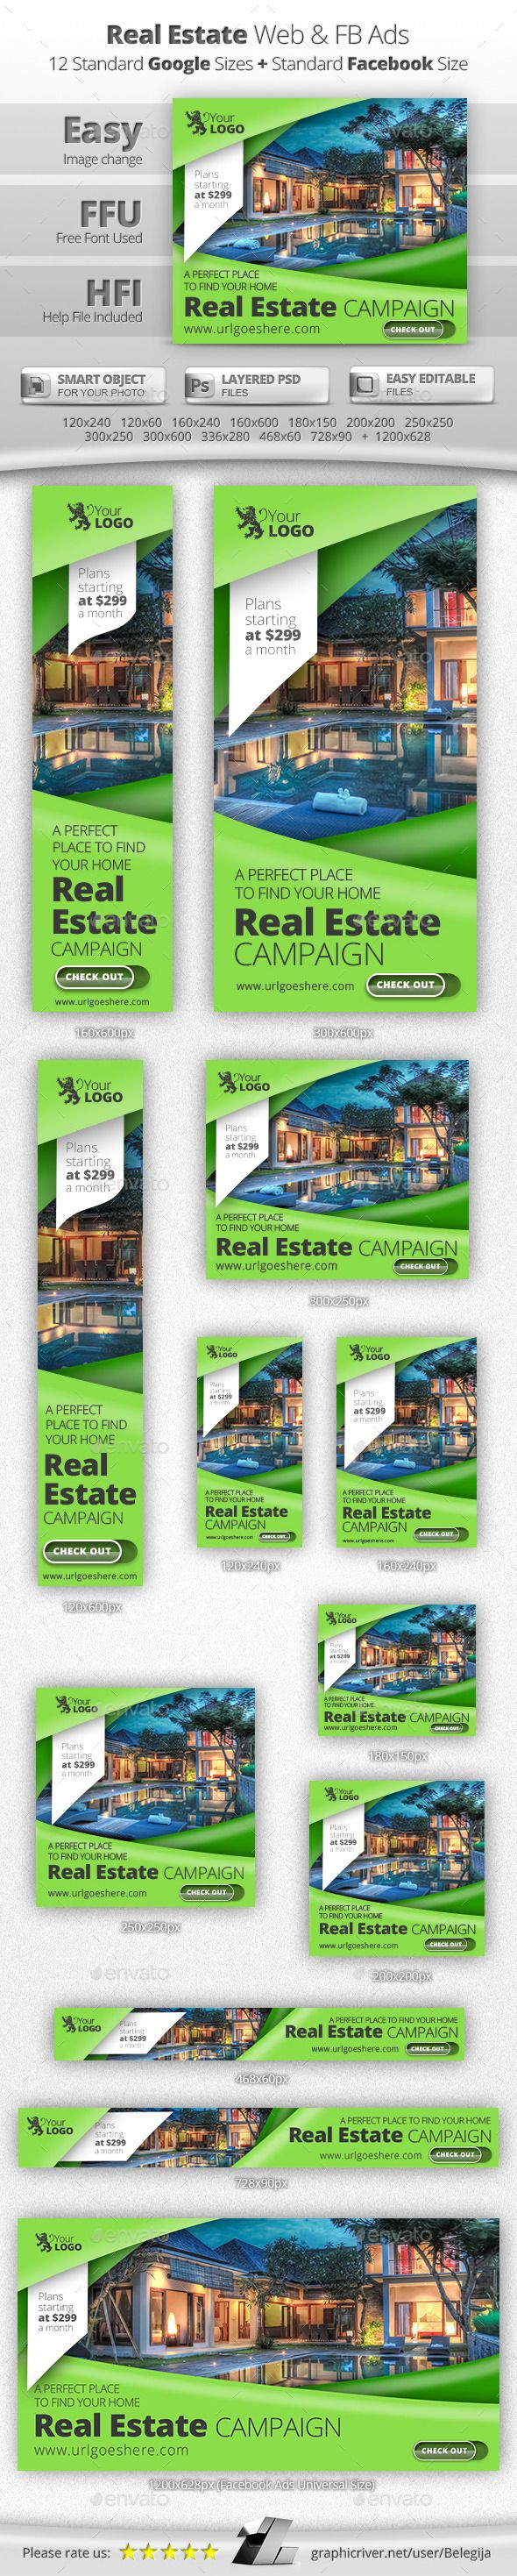 Real estate billboard design samples - Real Estate Web Facebook Banners